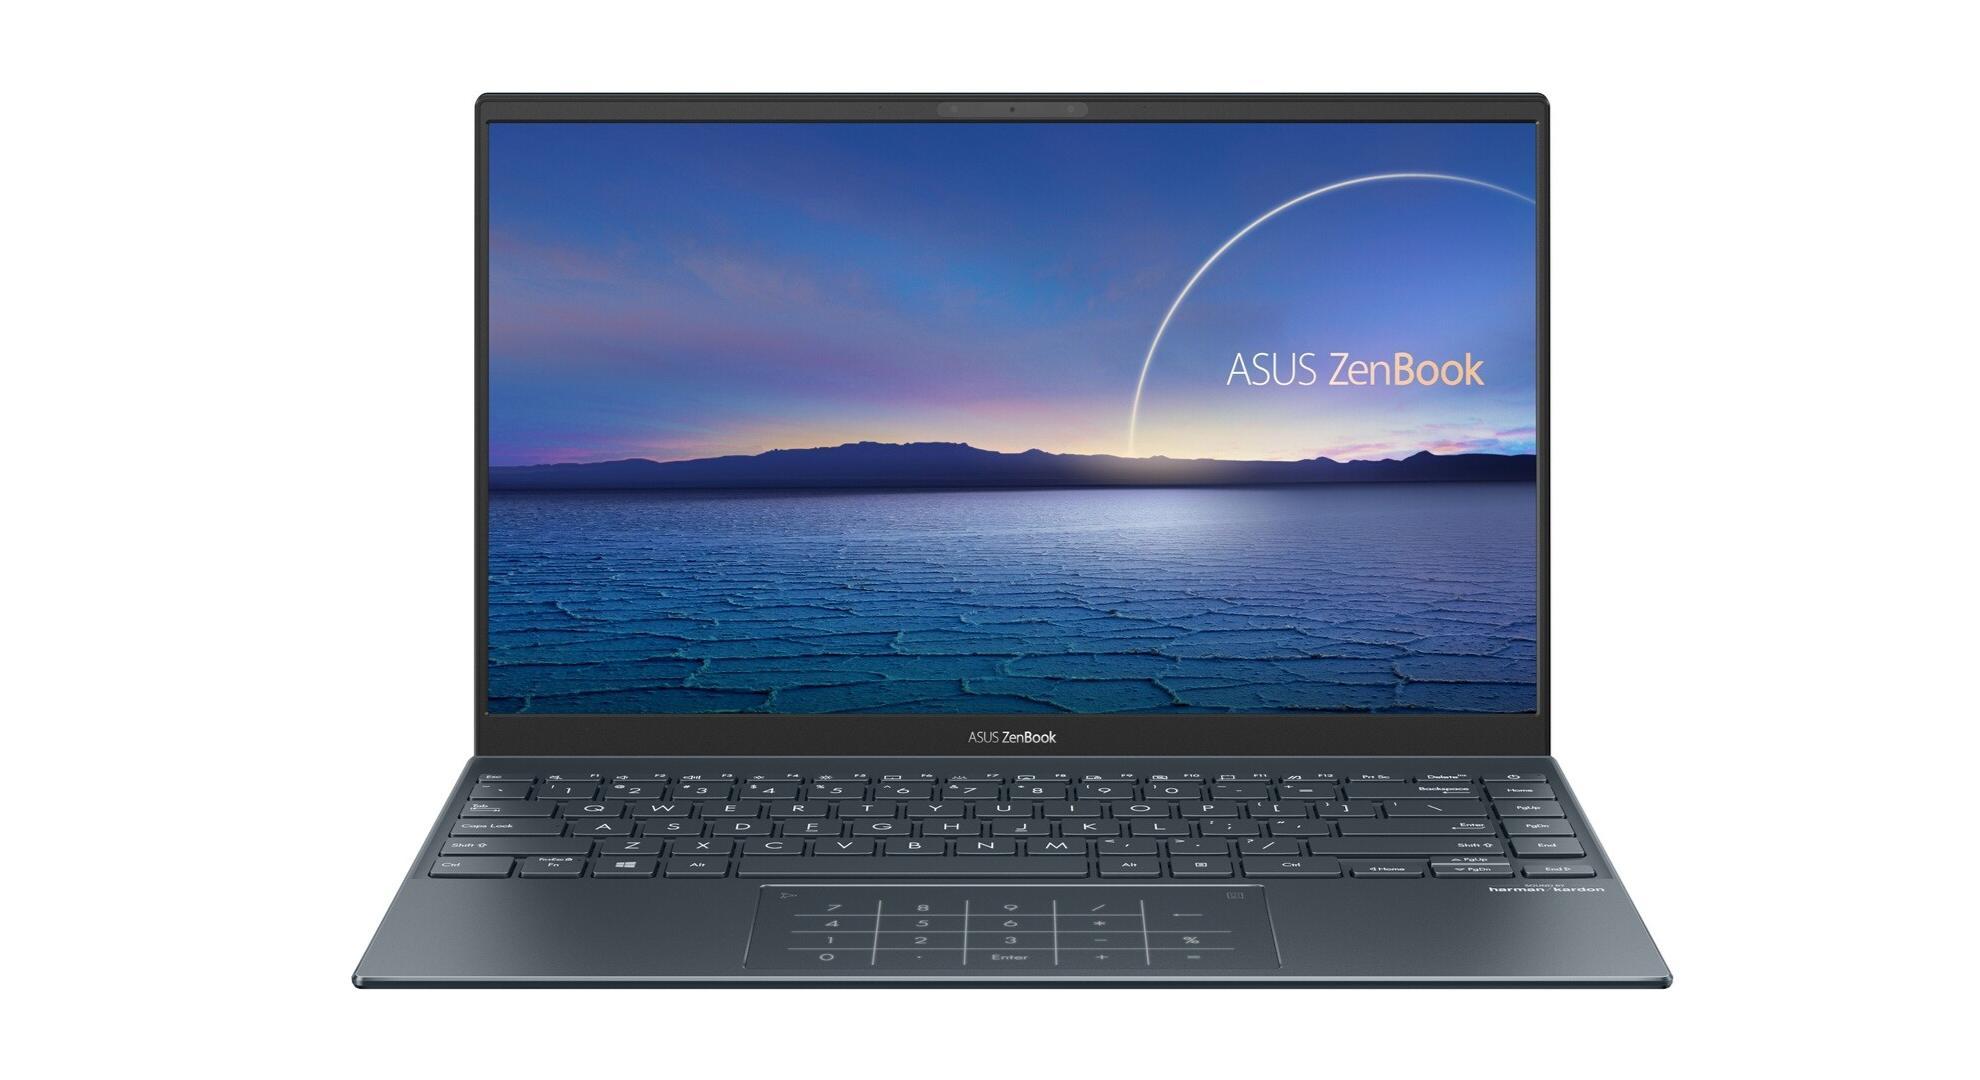 Ce ZenBook d'Asus avec le dernier AMD Ryzen 7 est à moins de 800 euros